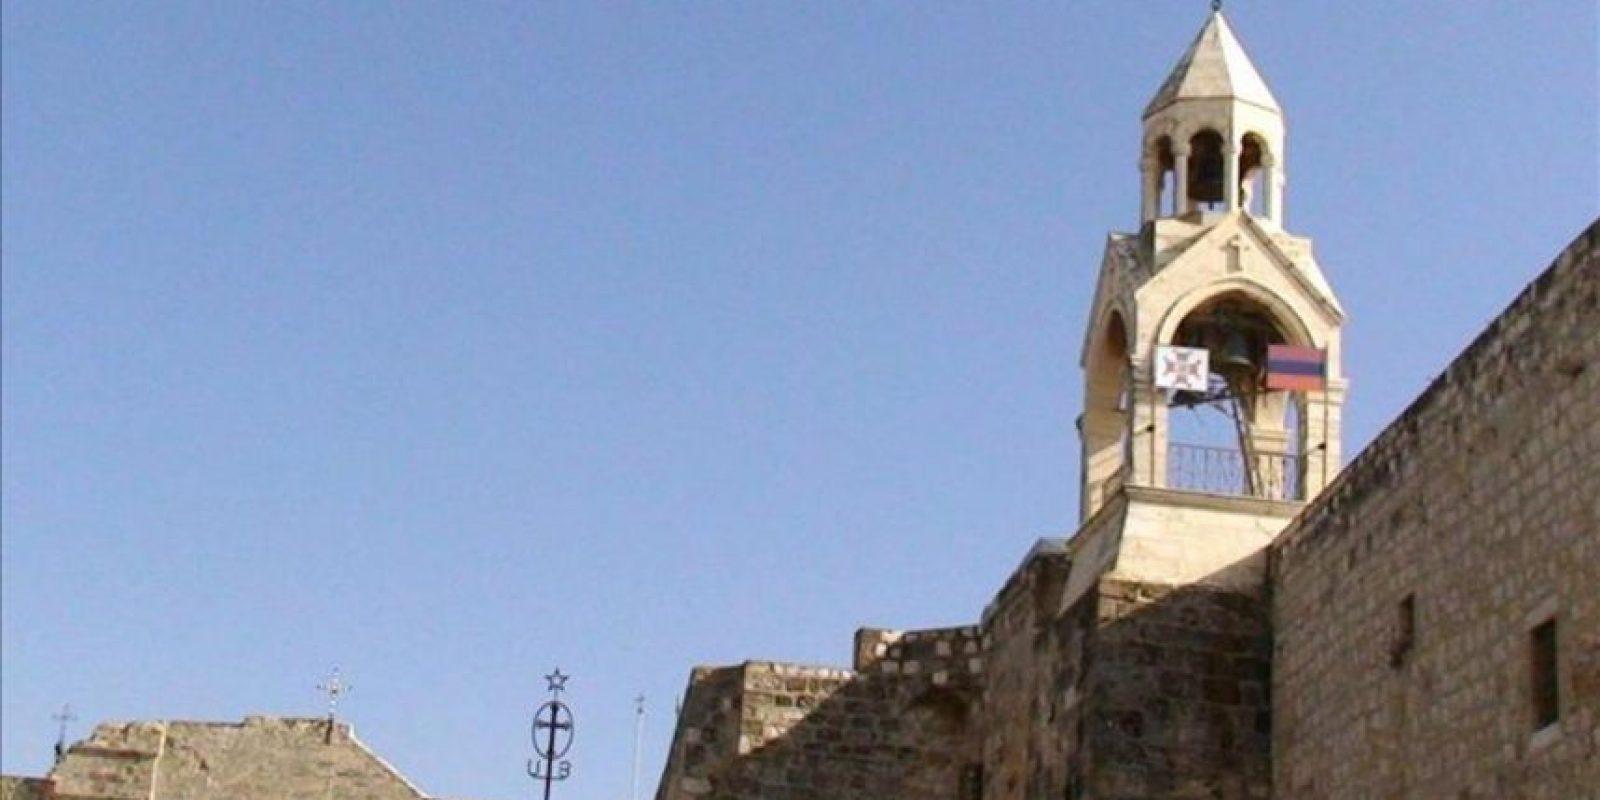 Vista del campanario de la Basílica de la Natividad de Belén. EFE/Archivo